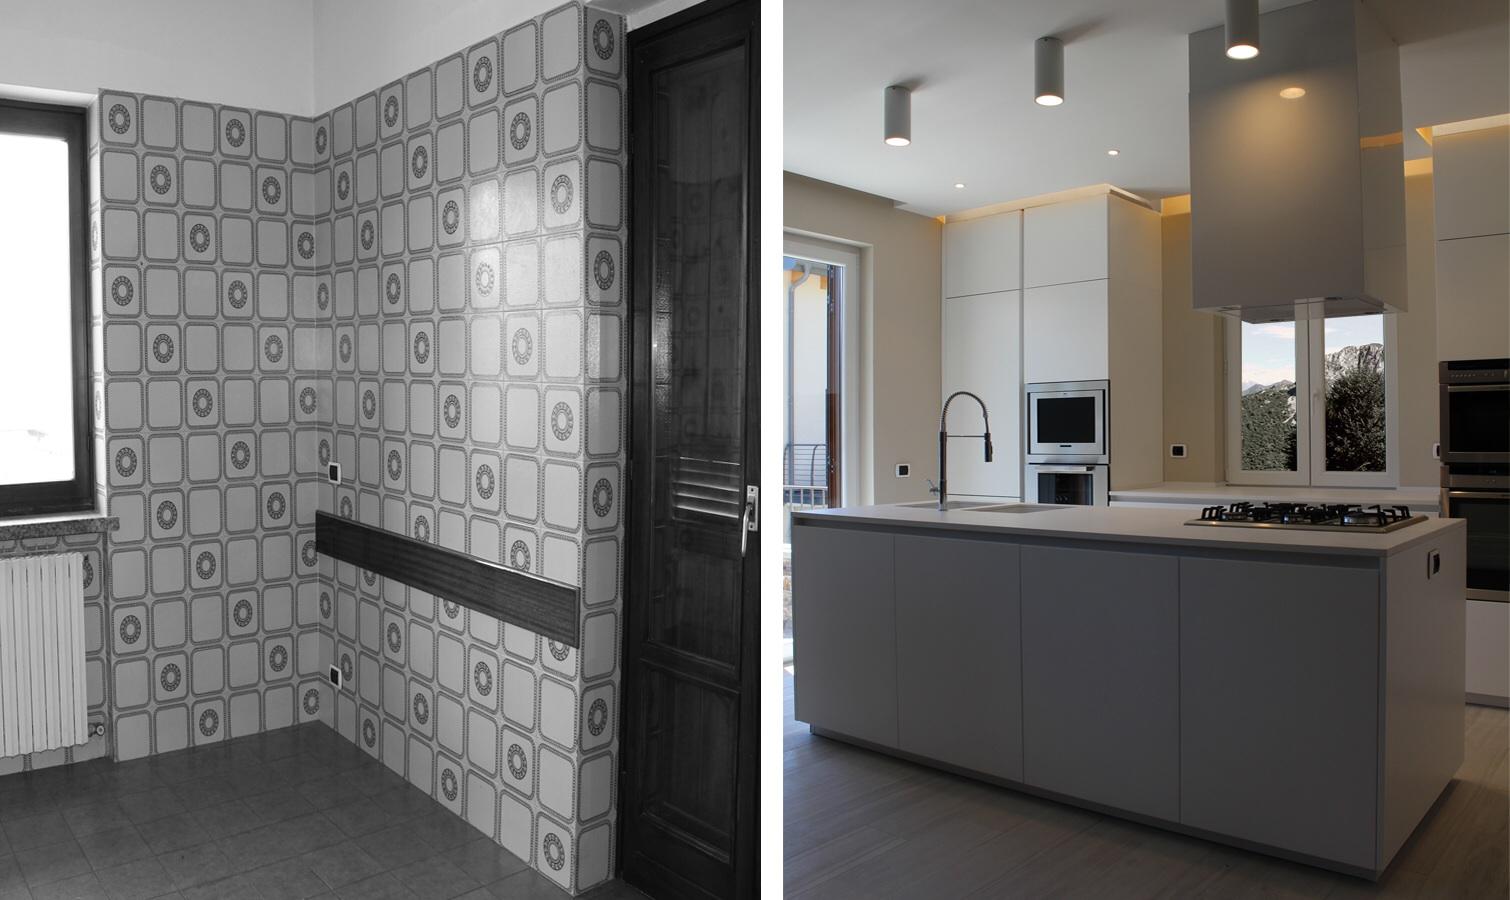 Cucina Con Finestra Centrale ~ Trova le Migliori idee per ...